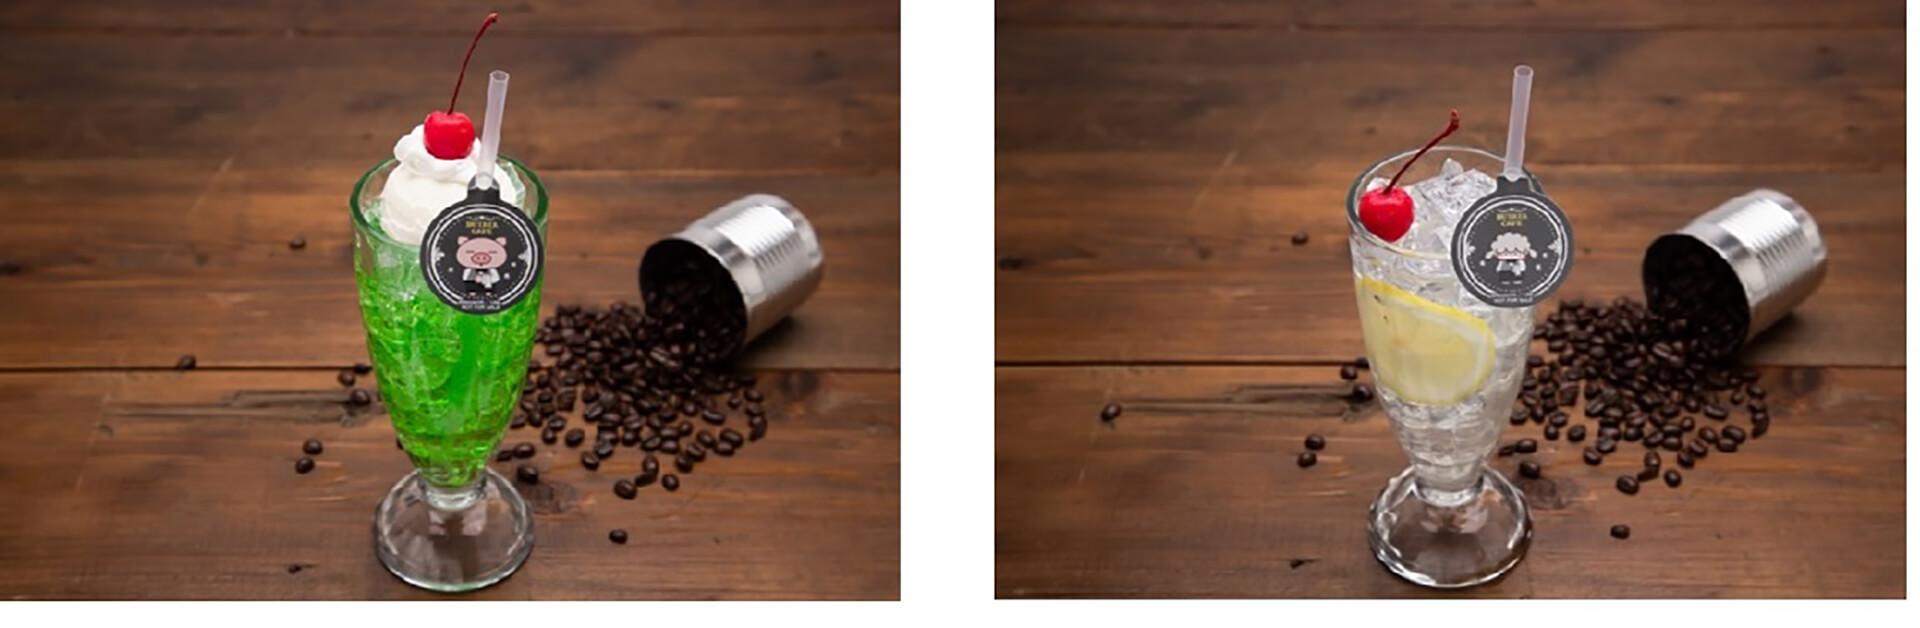 この写真はぶたたカフェのメニュー、レモンスカッシュなどです